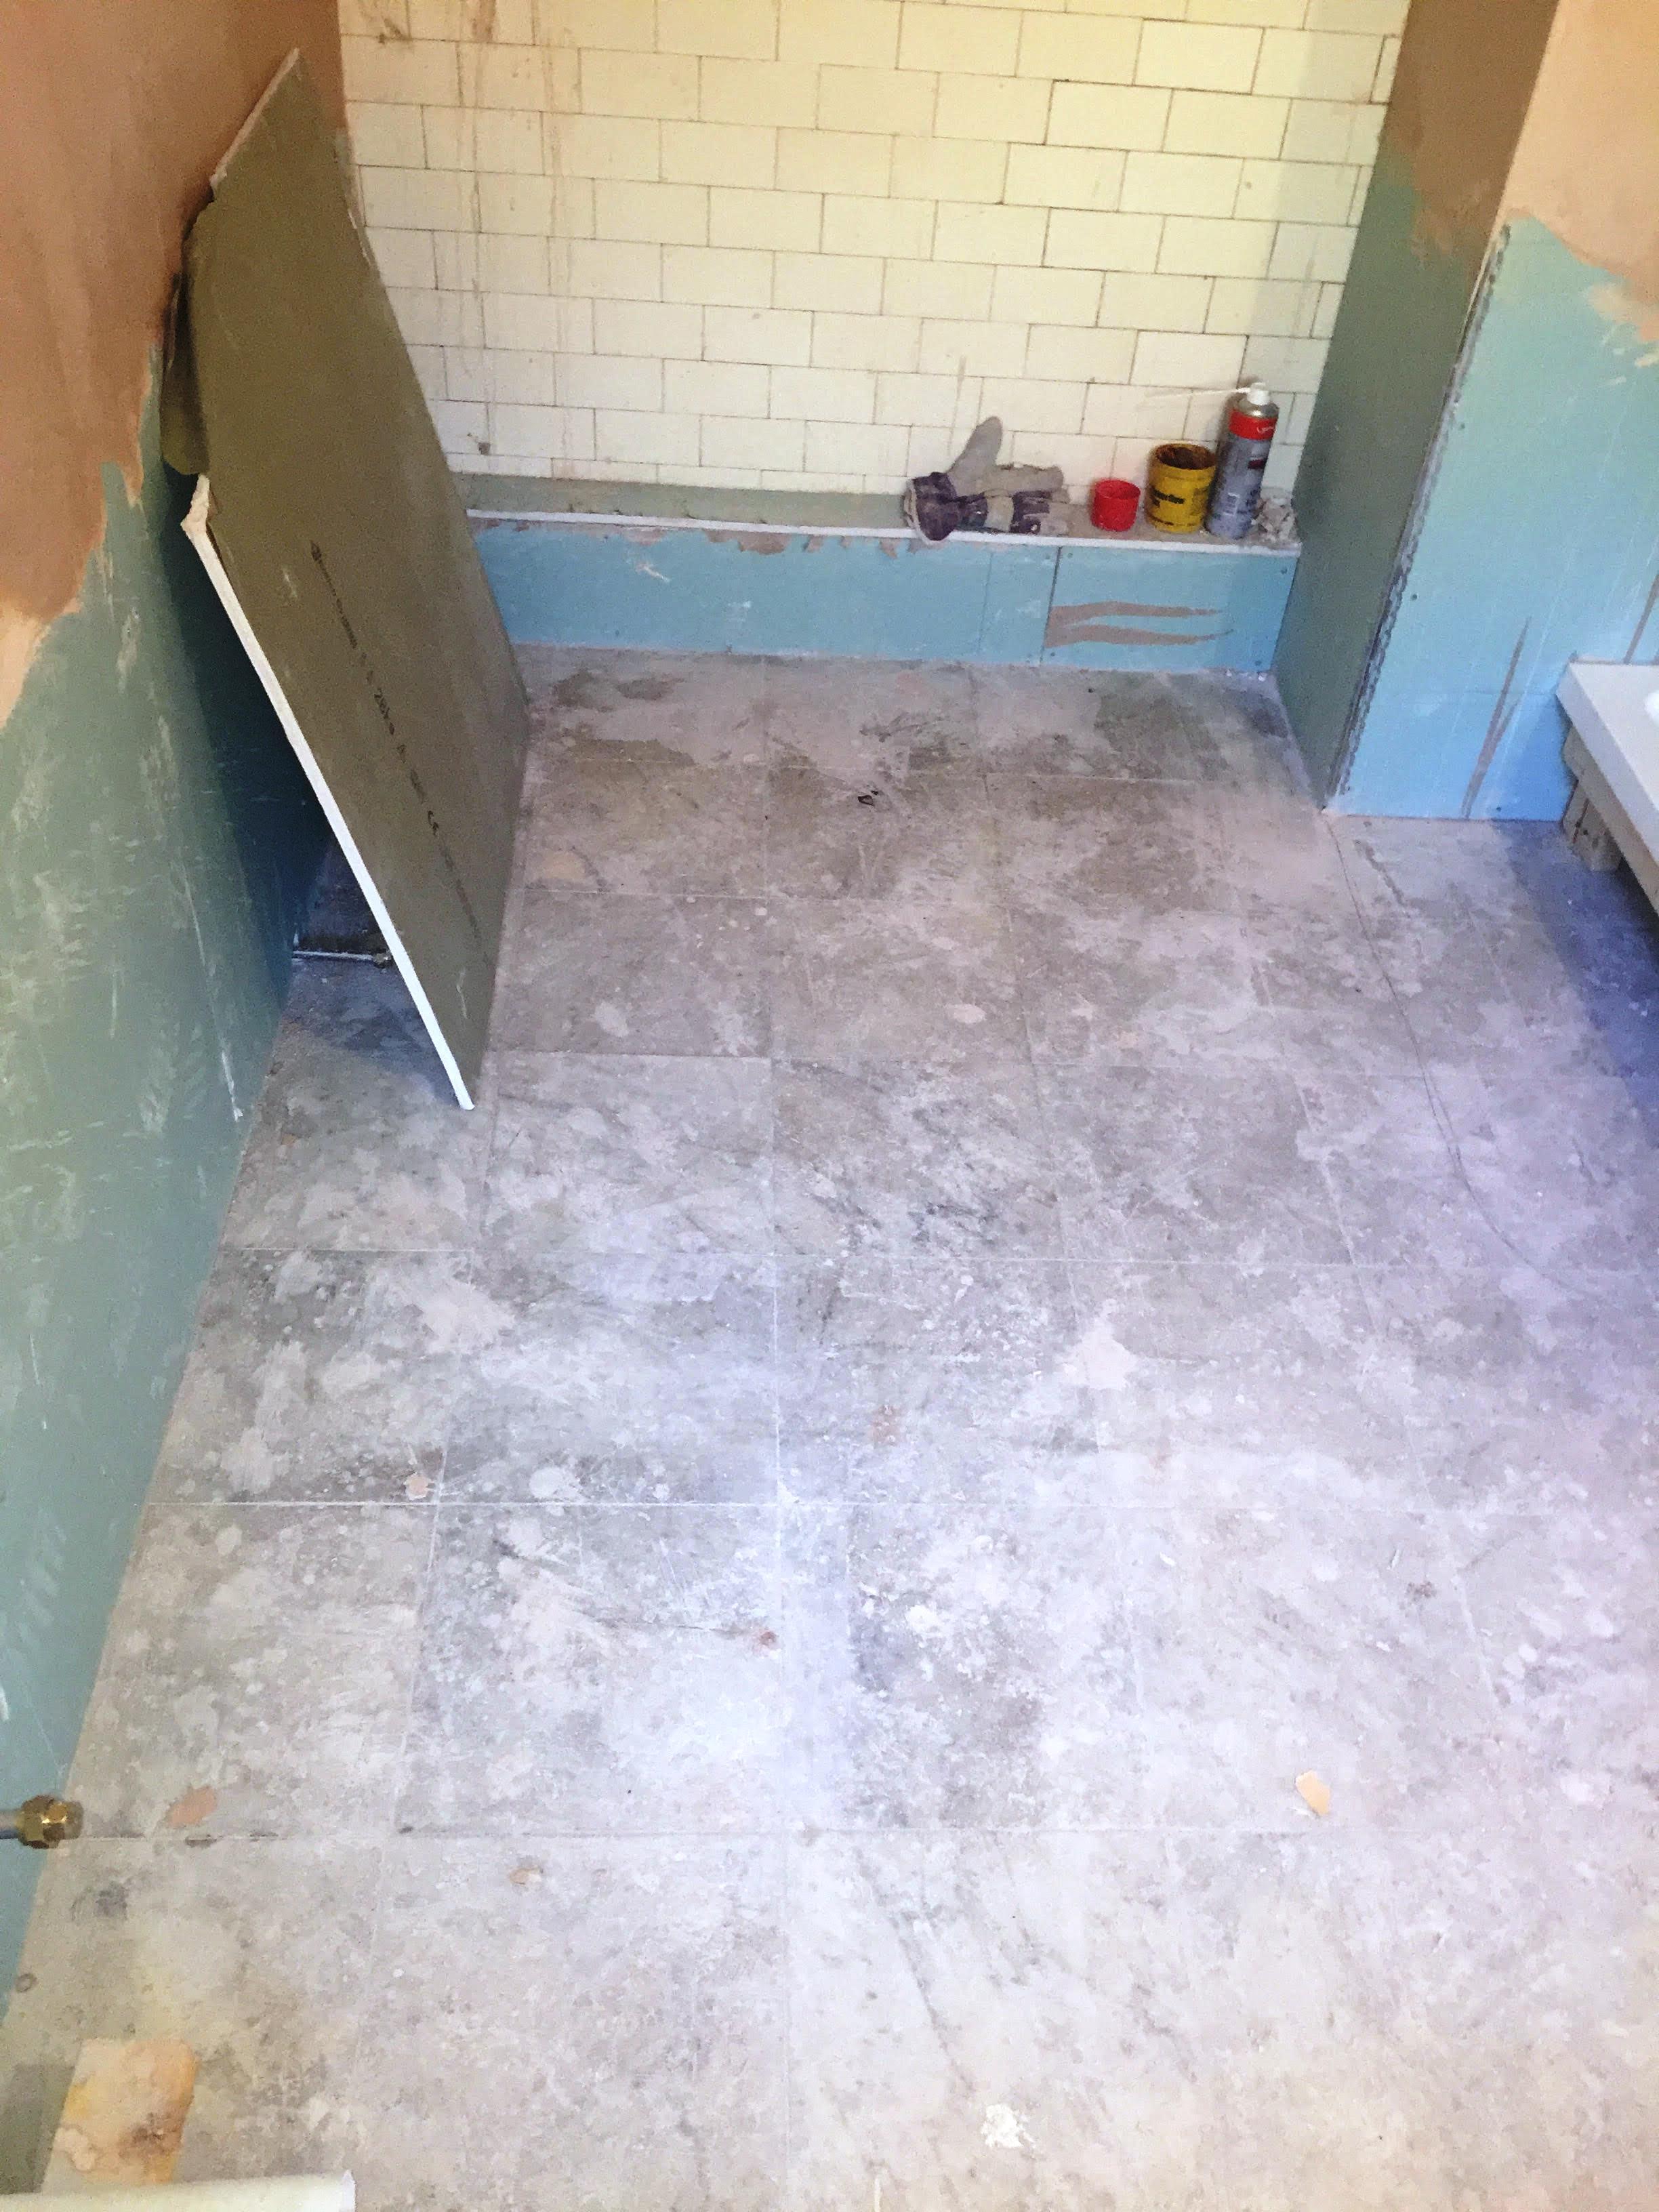 Marble Tiled Bathroom Floor Before Restoration Walkerburn